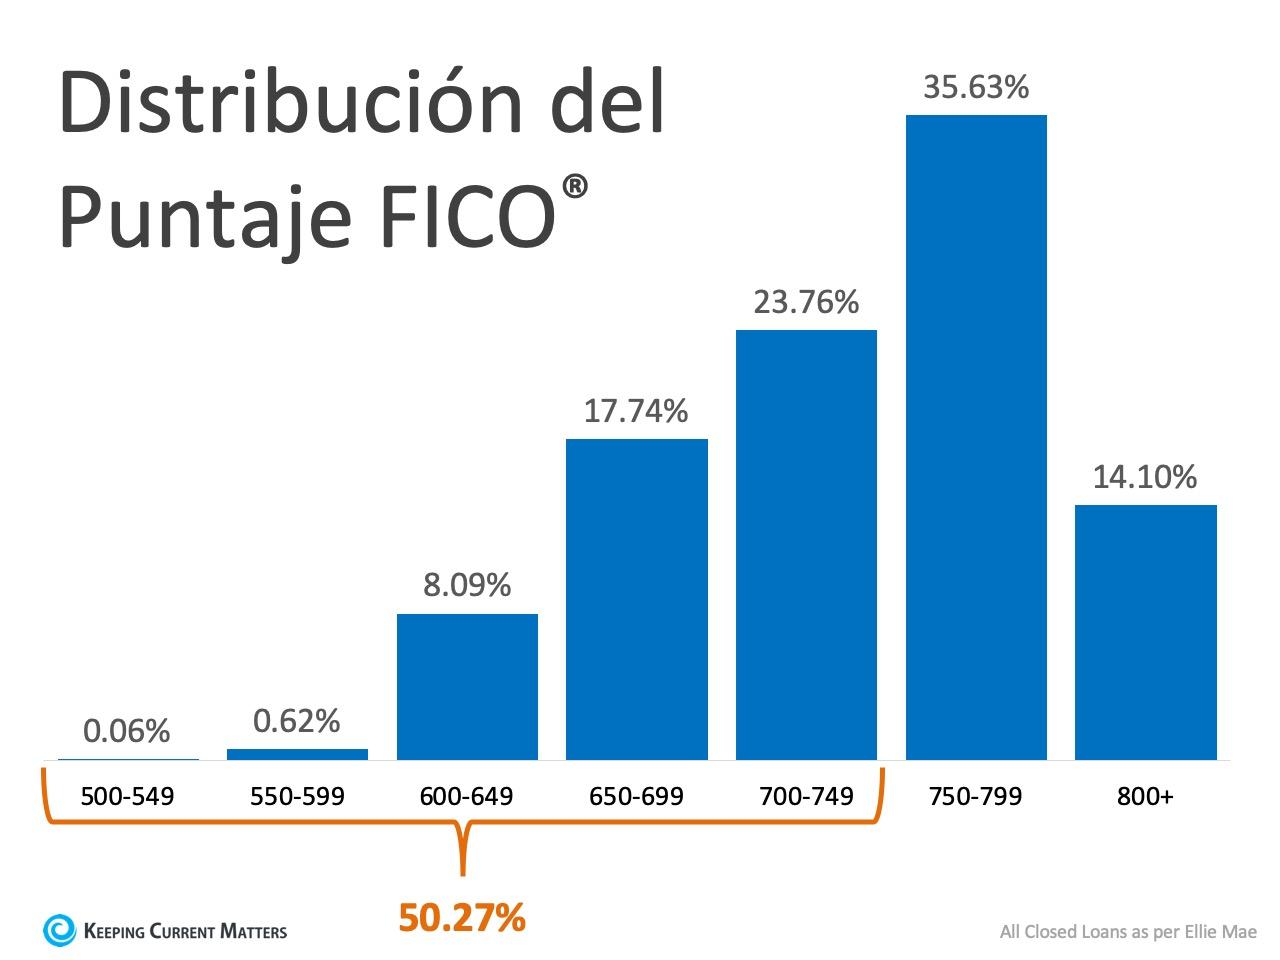 ¿Qué puntuación FICO® necesita para calificar para una hipoteca? | Keeping Current Matters